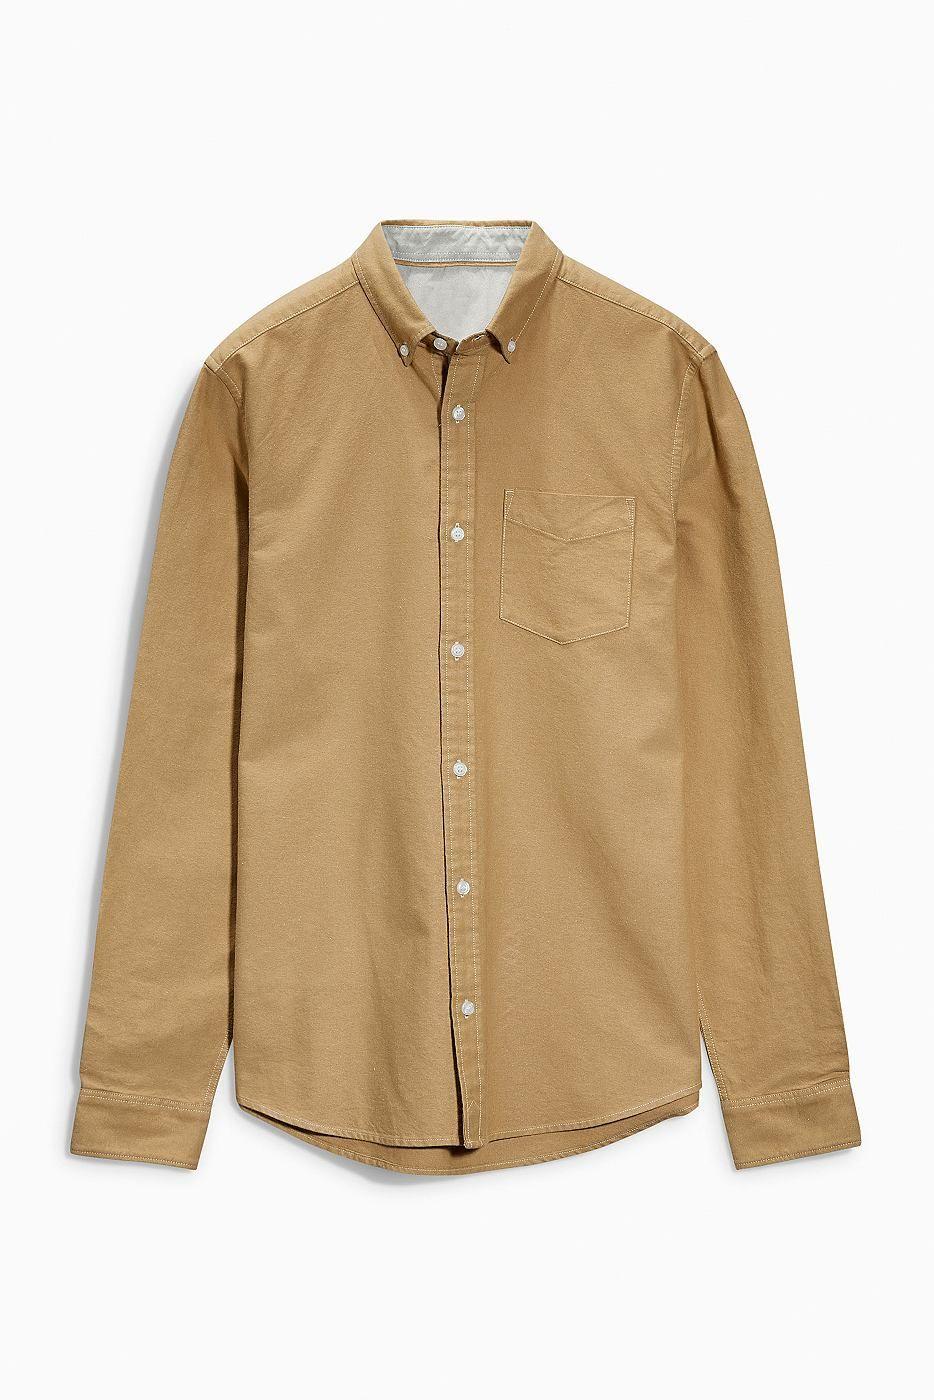 3629ff62cf6181 Langärmeliges Oxford-Hemd 100 % Baumwolle. Klassisches Hemd aus elegantem  Oxford-Gewebe mit Button-Down-Kragen und Kontrastdetails.